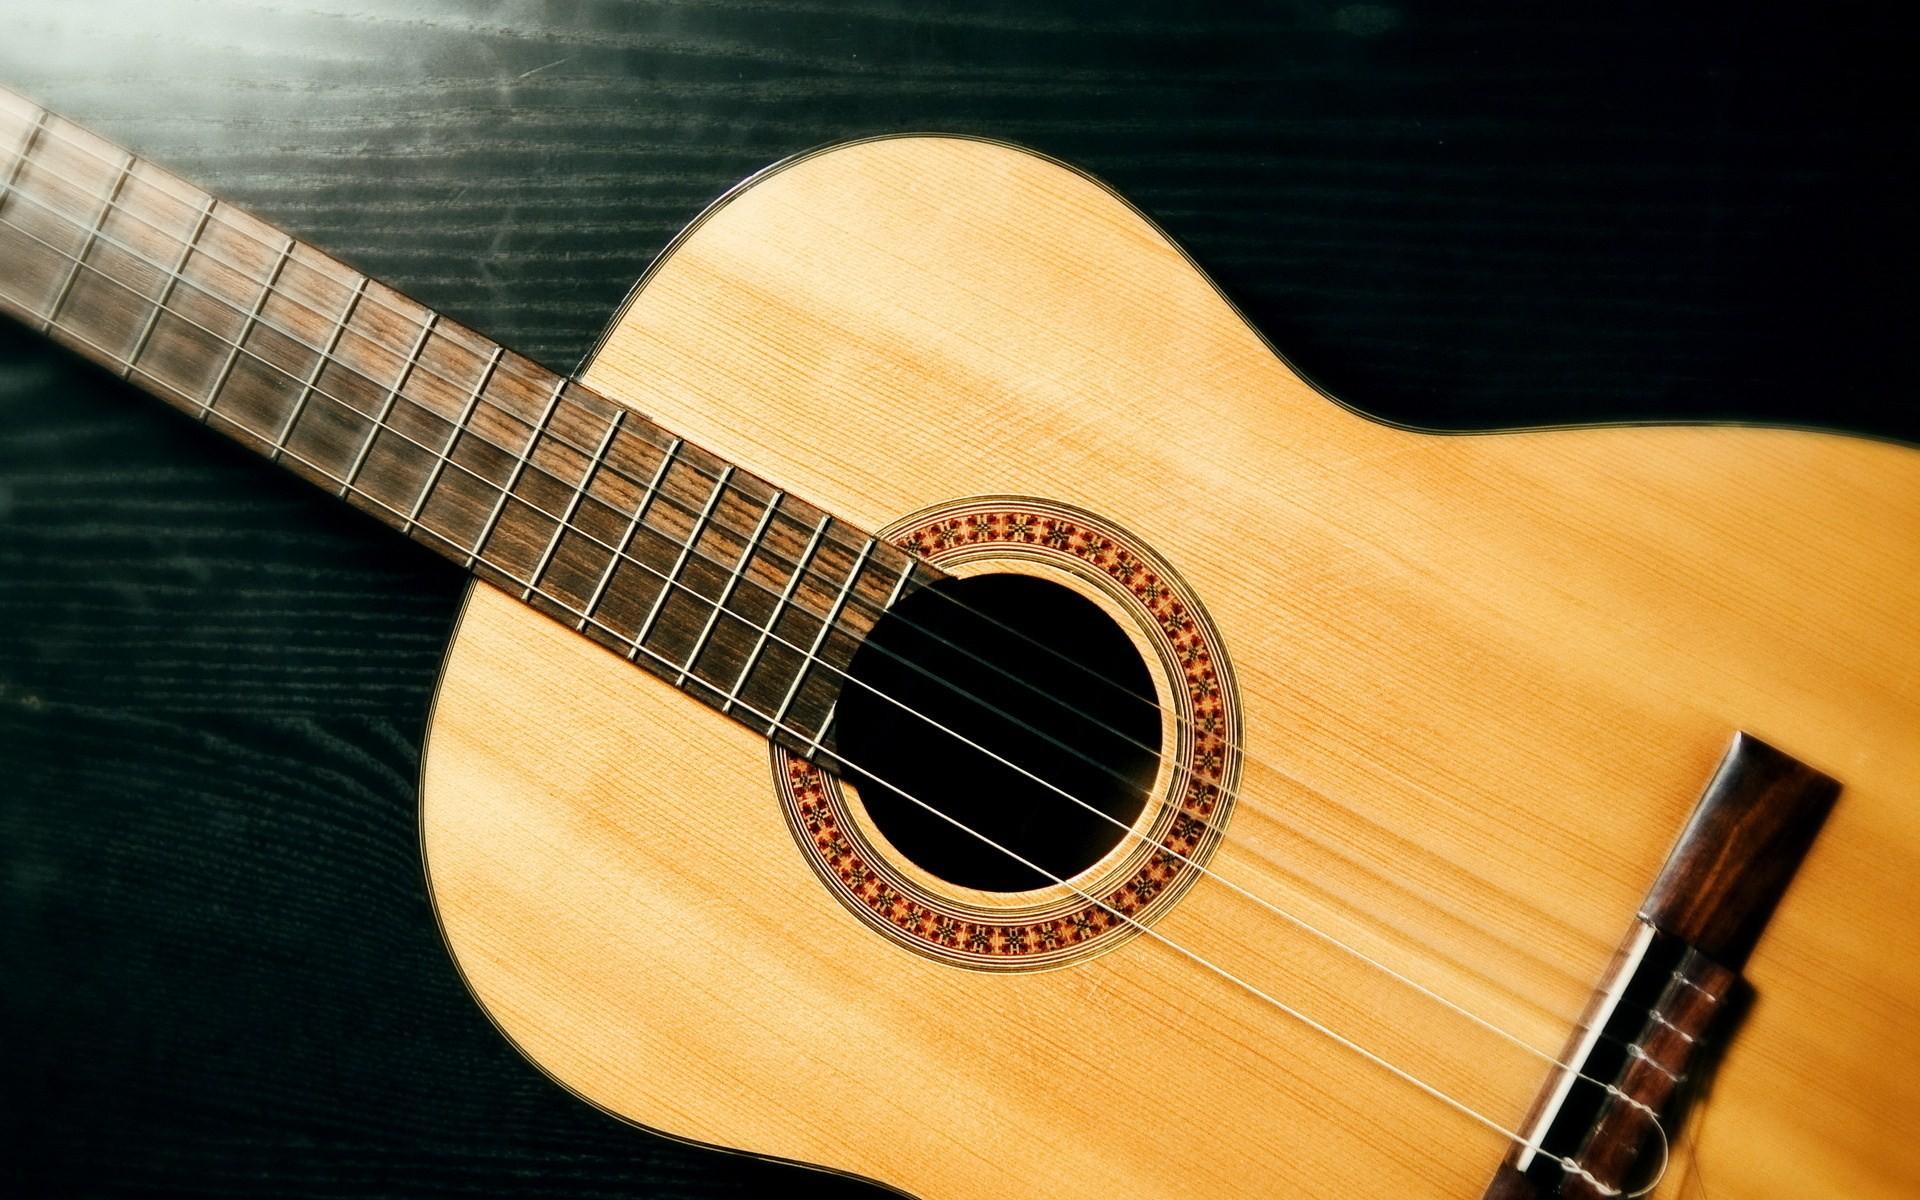 Guitarra acustica - 1920x1200